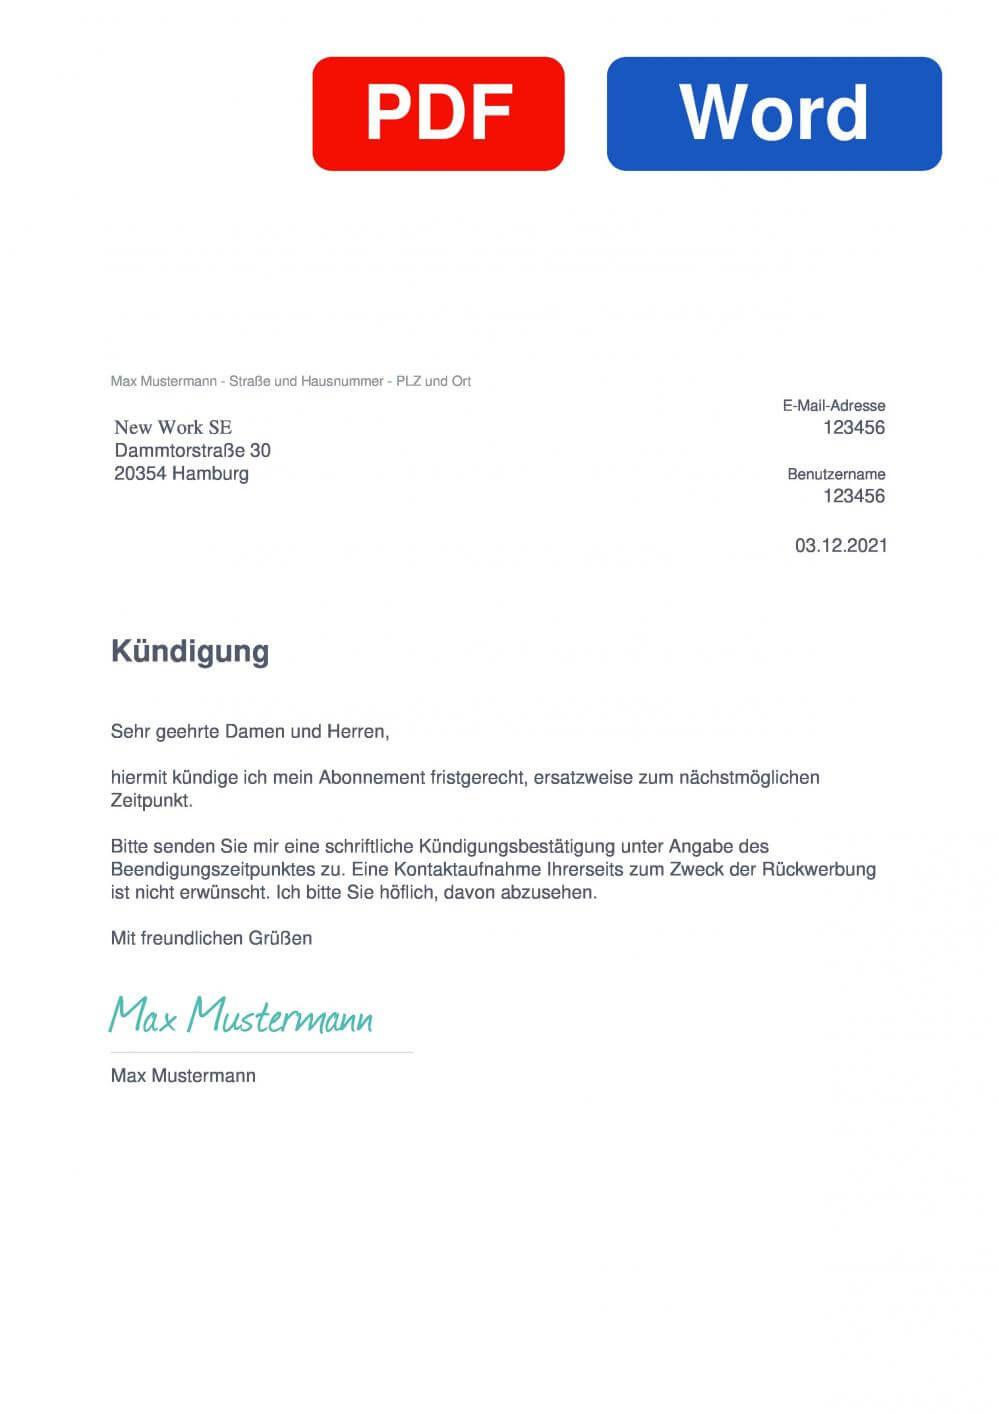 XING ProJobs Muster Vorlage für Kündigungsschreiben